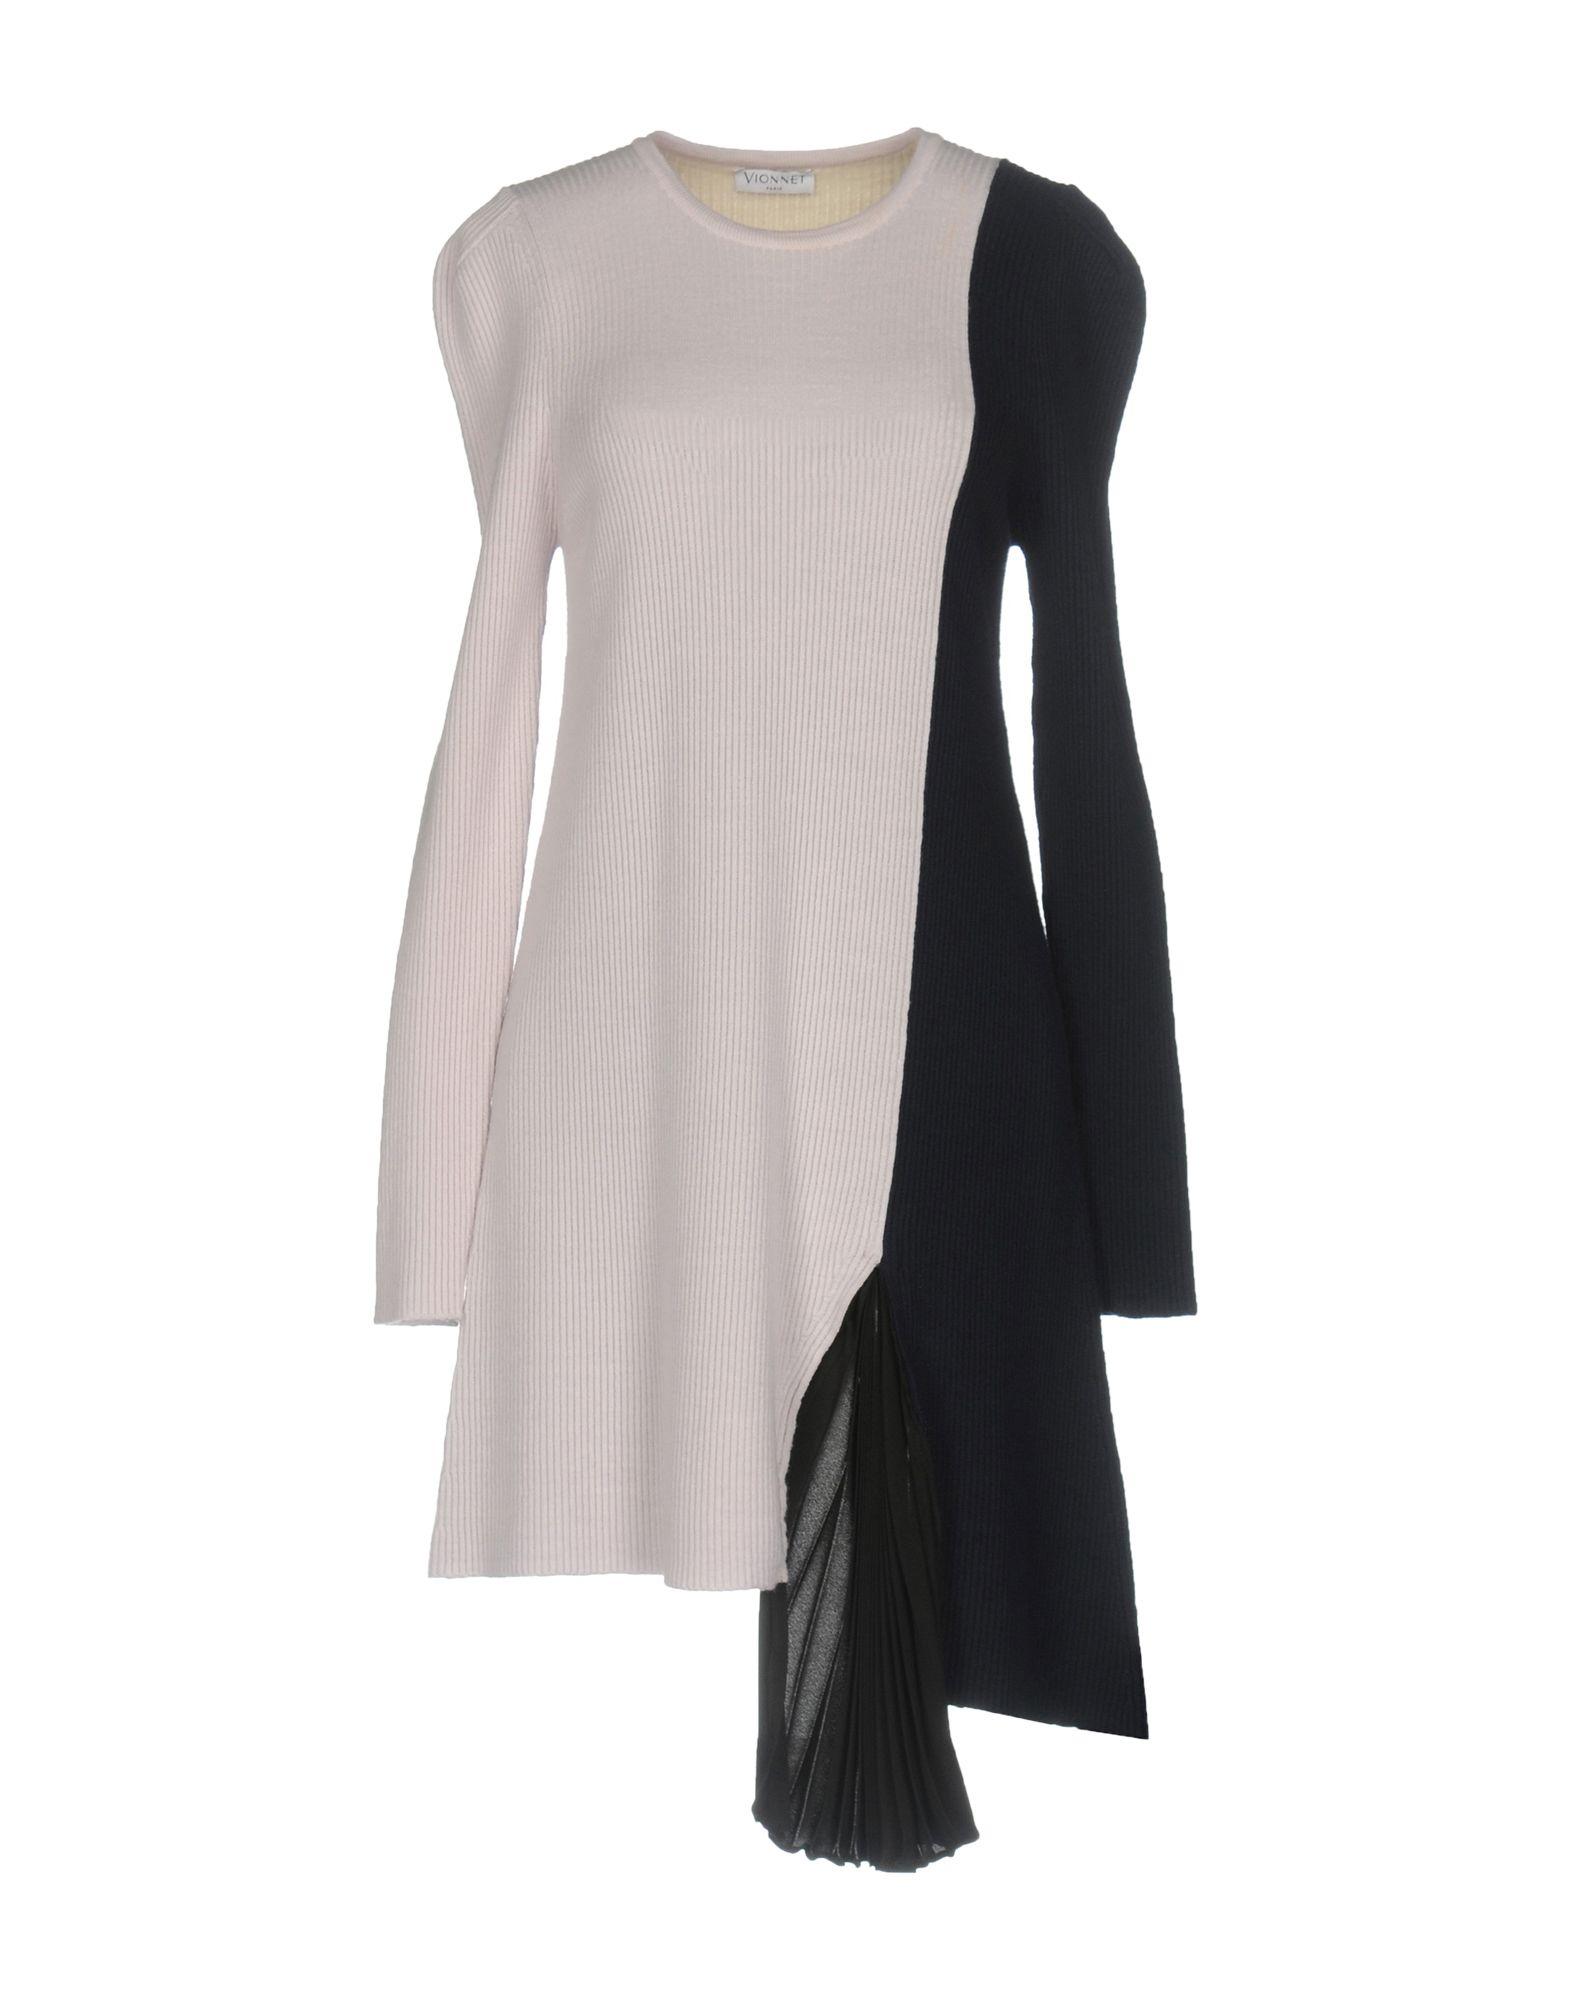 VIONNET Damen Kurzes Kleid Farbe Hellgrau Größe 3 - broschei